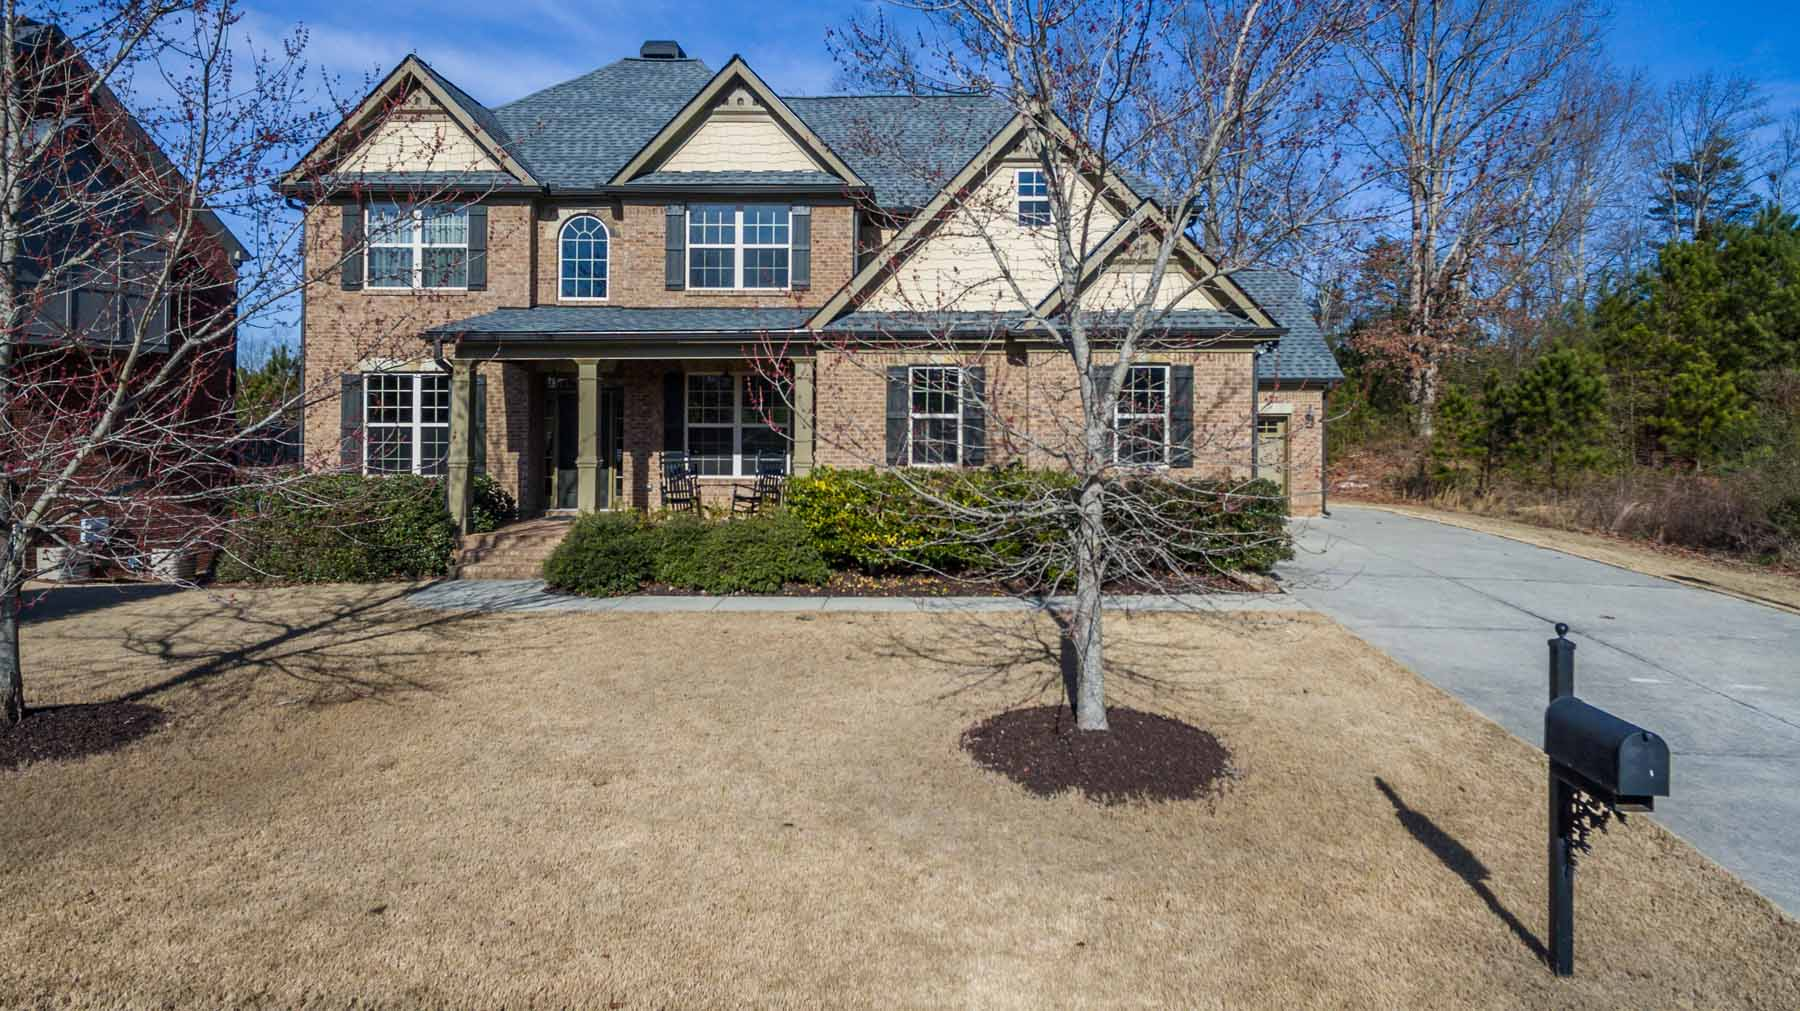 Maison unifamiliale pour l Vente à A Boat Lovers Dream 9070 Maple Run Trail Gainesville, Georgia, 30506 États-Unis